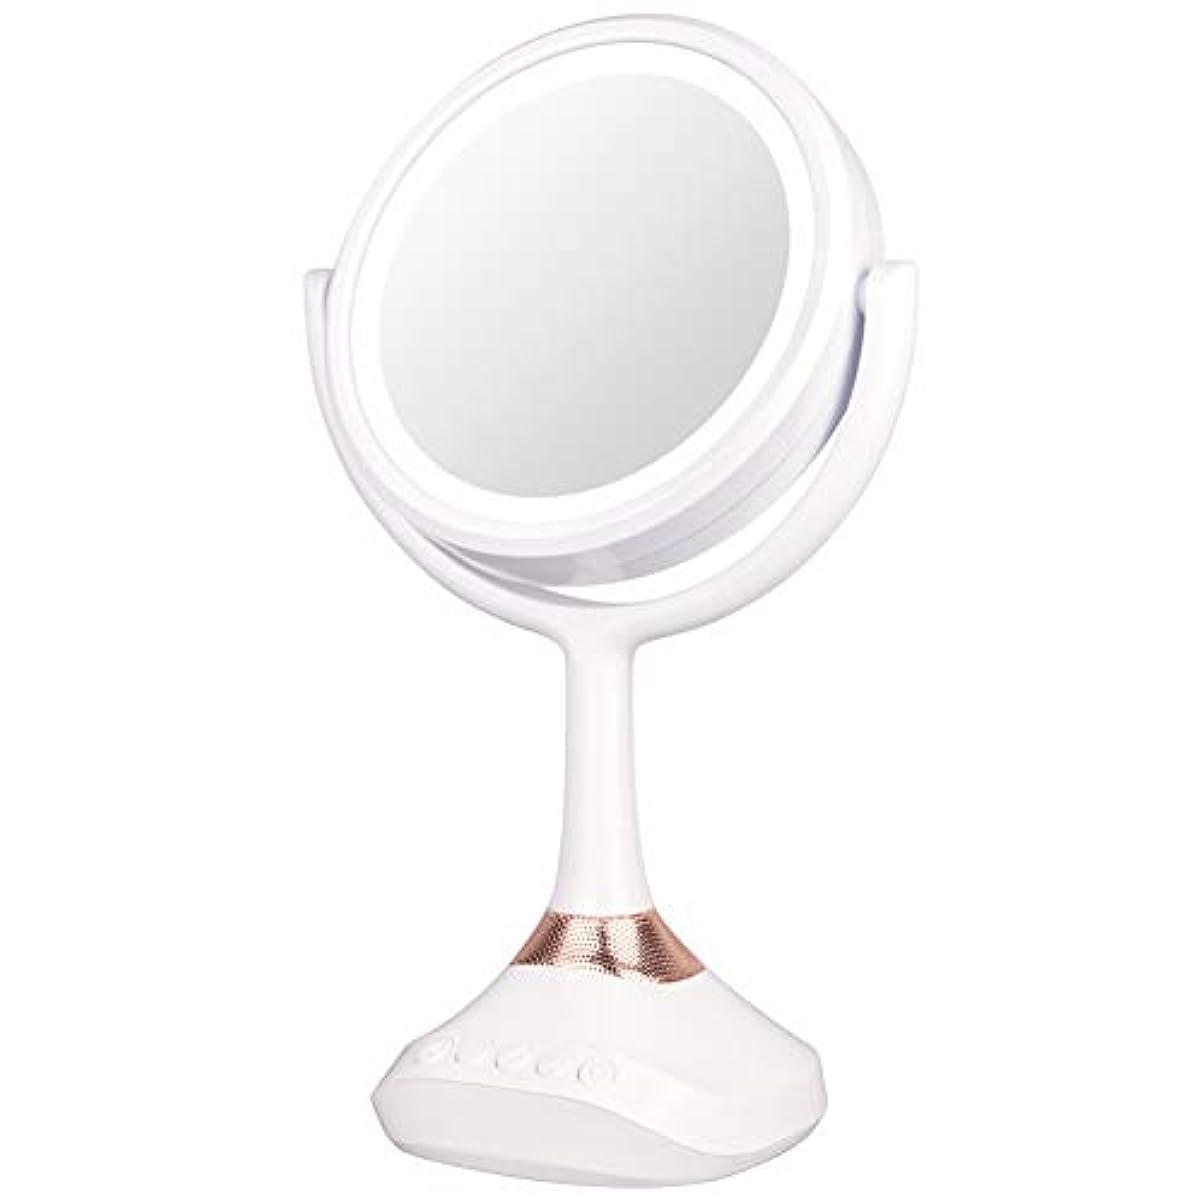 歯科の精巧な突撃XJZxX ブルートゥースLED音楽ミラー卓上化粧台ミラー付きスピーカー照明付き化粧鏡ライト付き化粧鏡 -美容アクセサリー